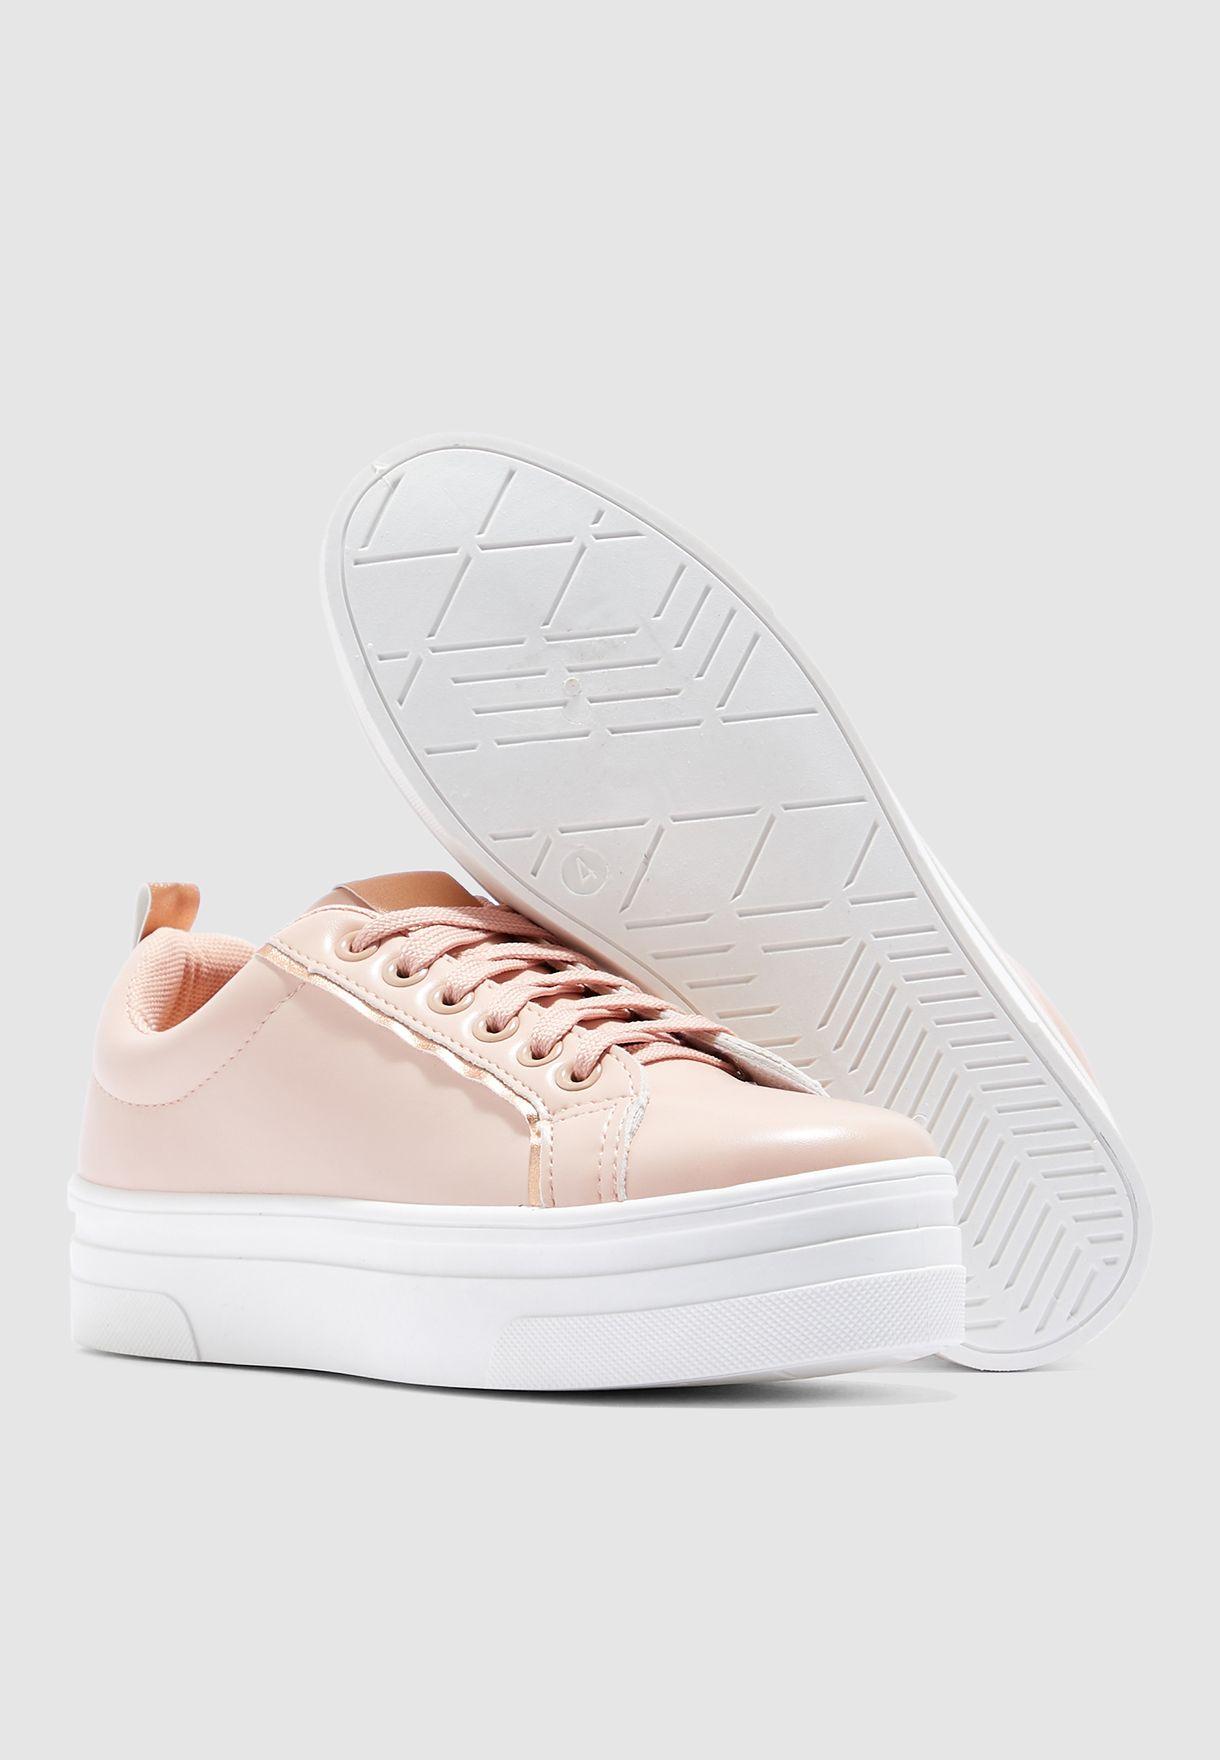 Mositivity Low Top Sneaker - Oatmeal